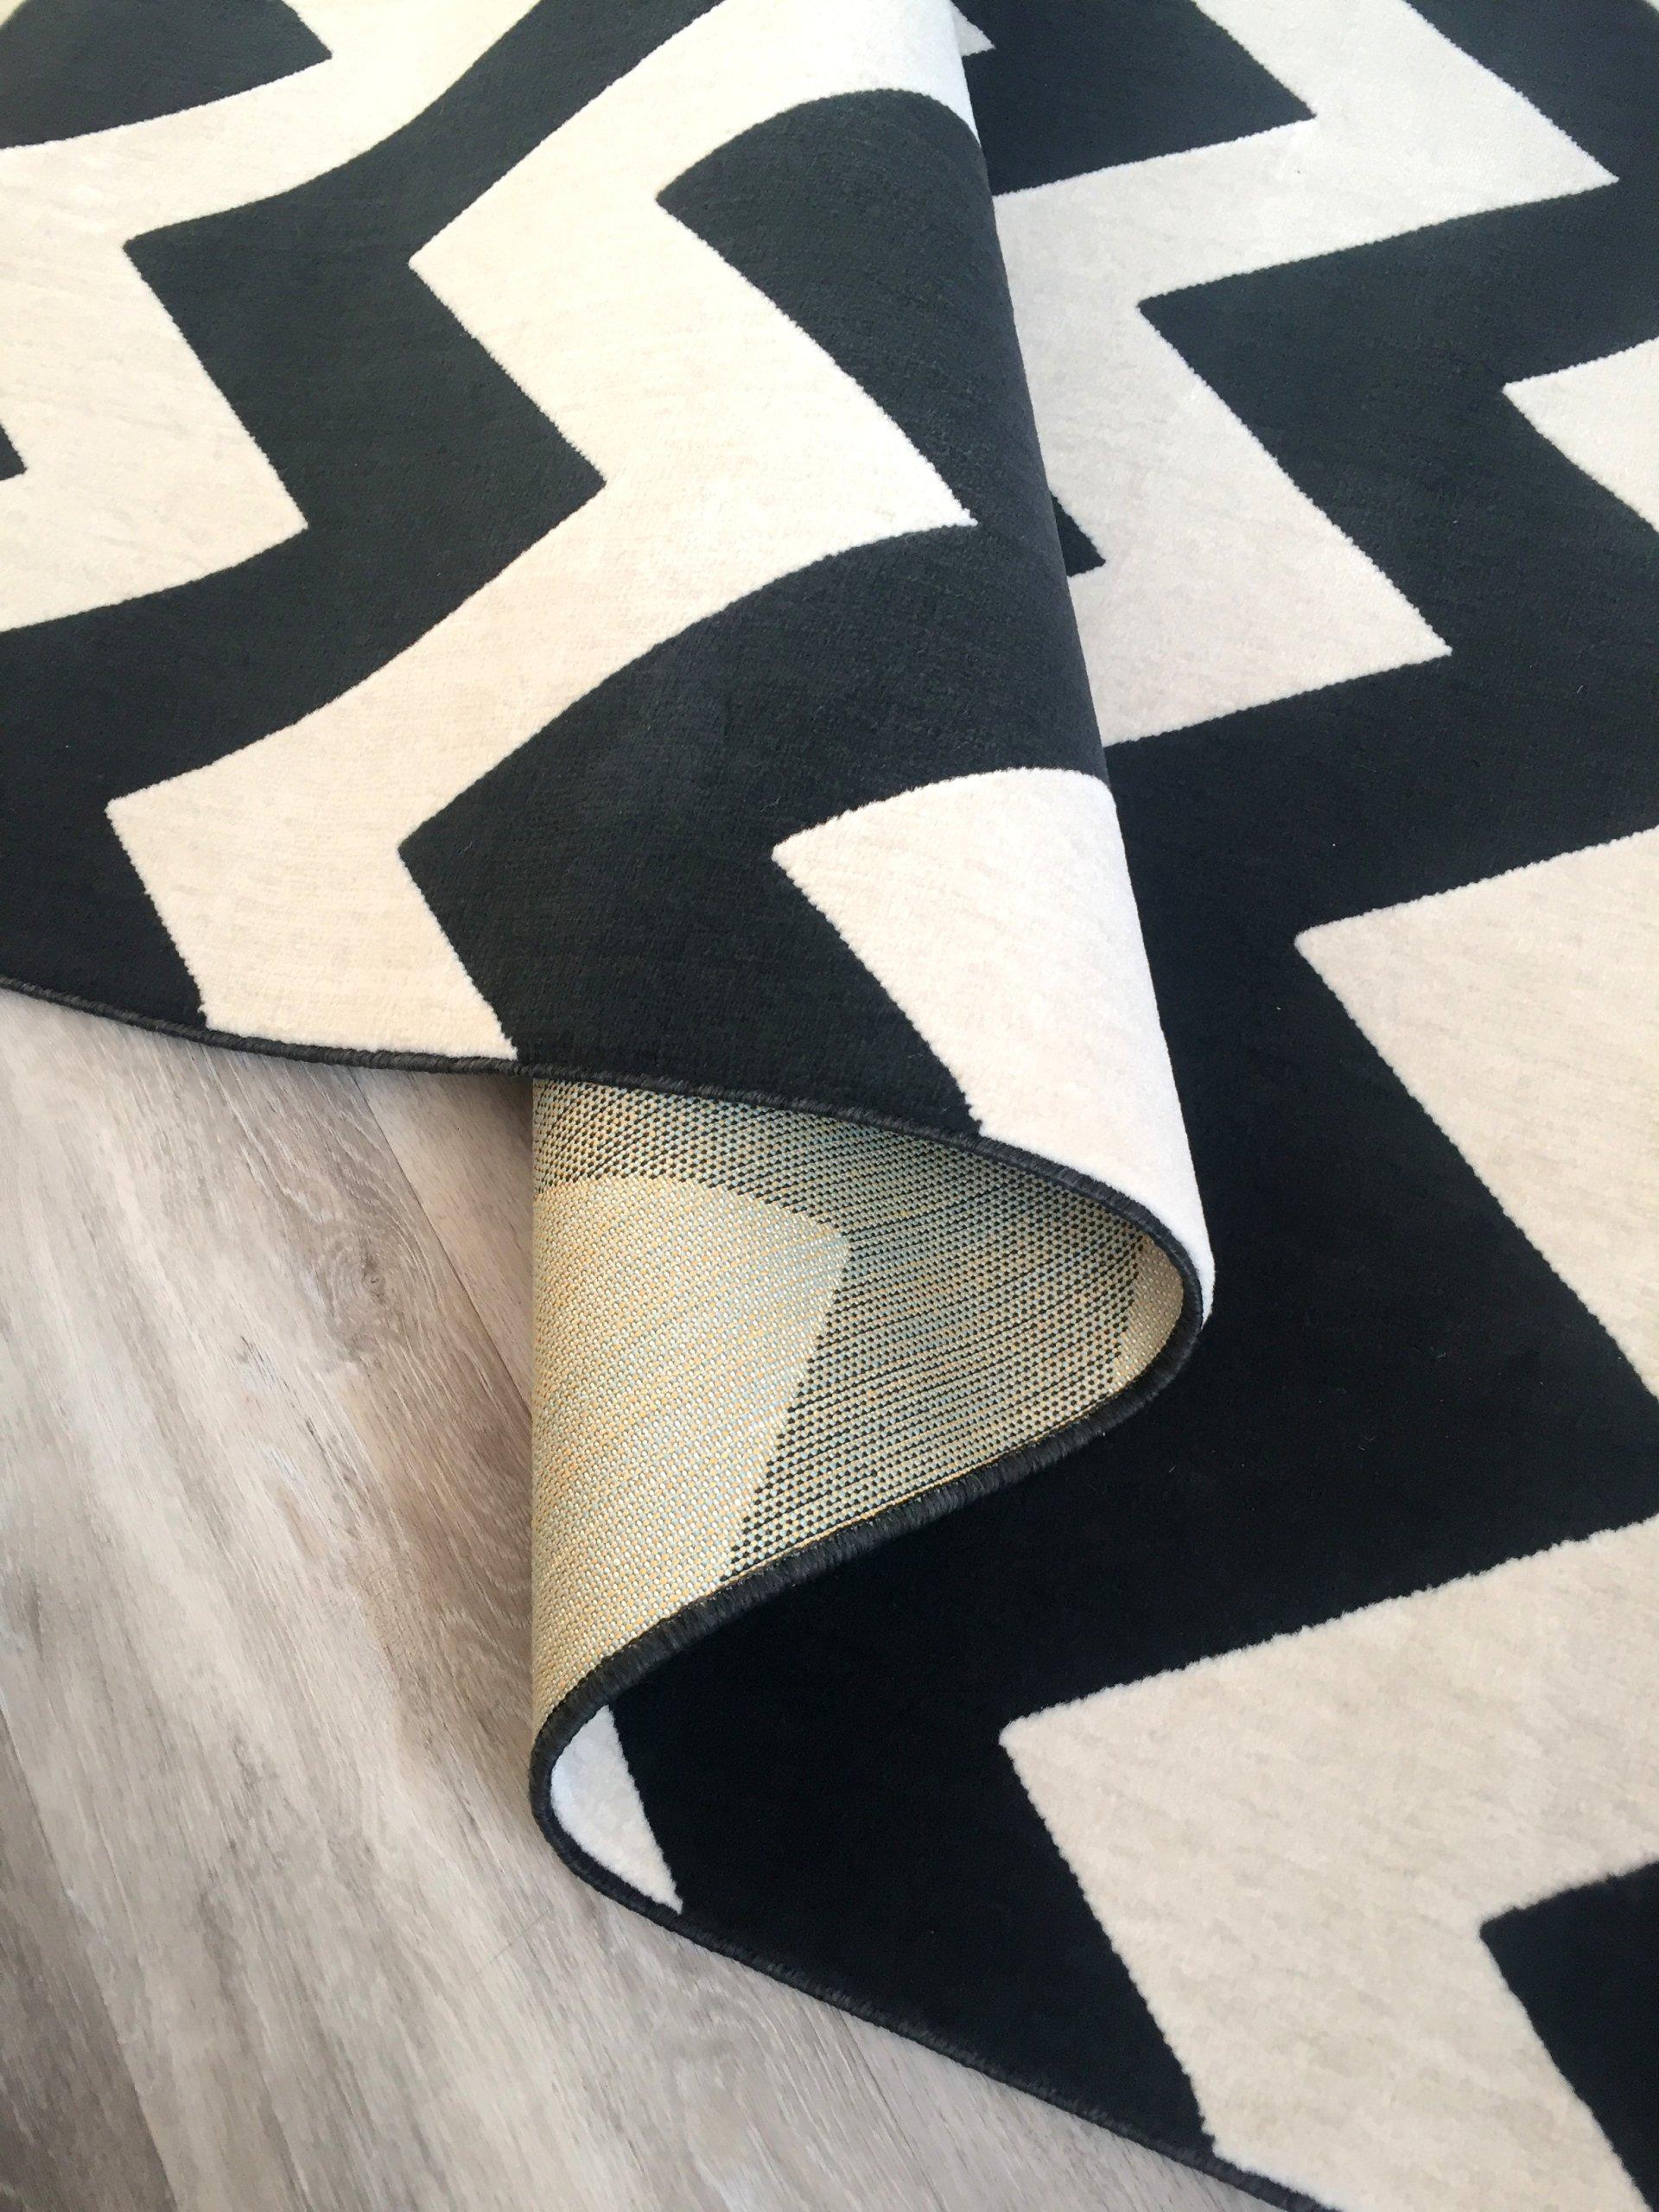 Dywan canvas 160x230 zygzak biało czarny skandi 7426903530